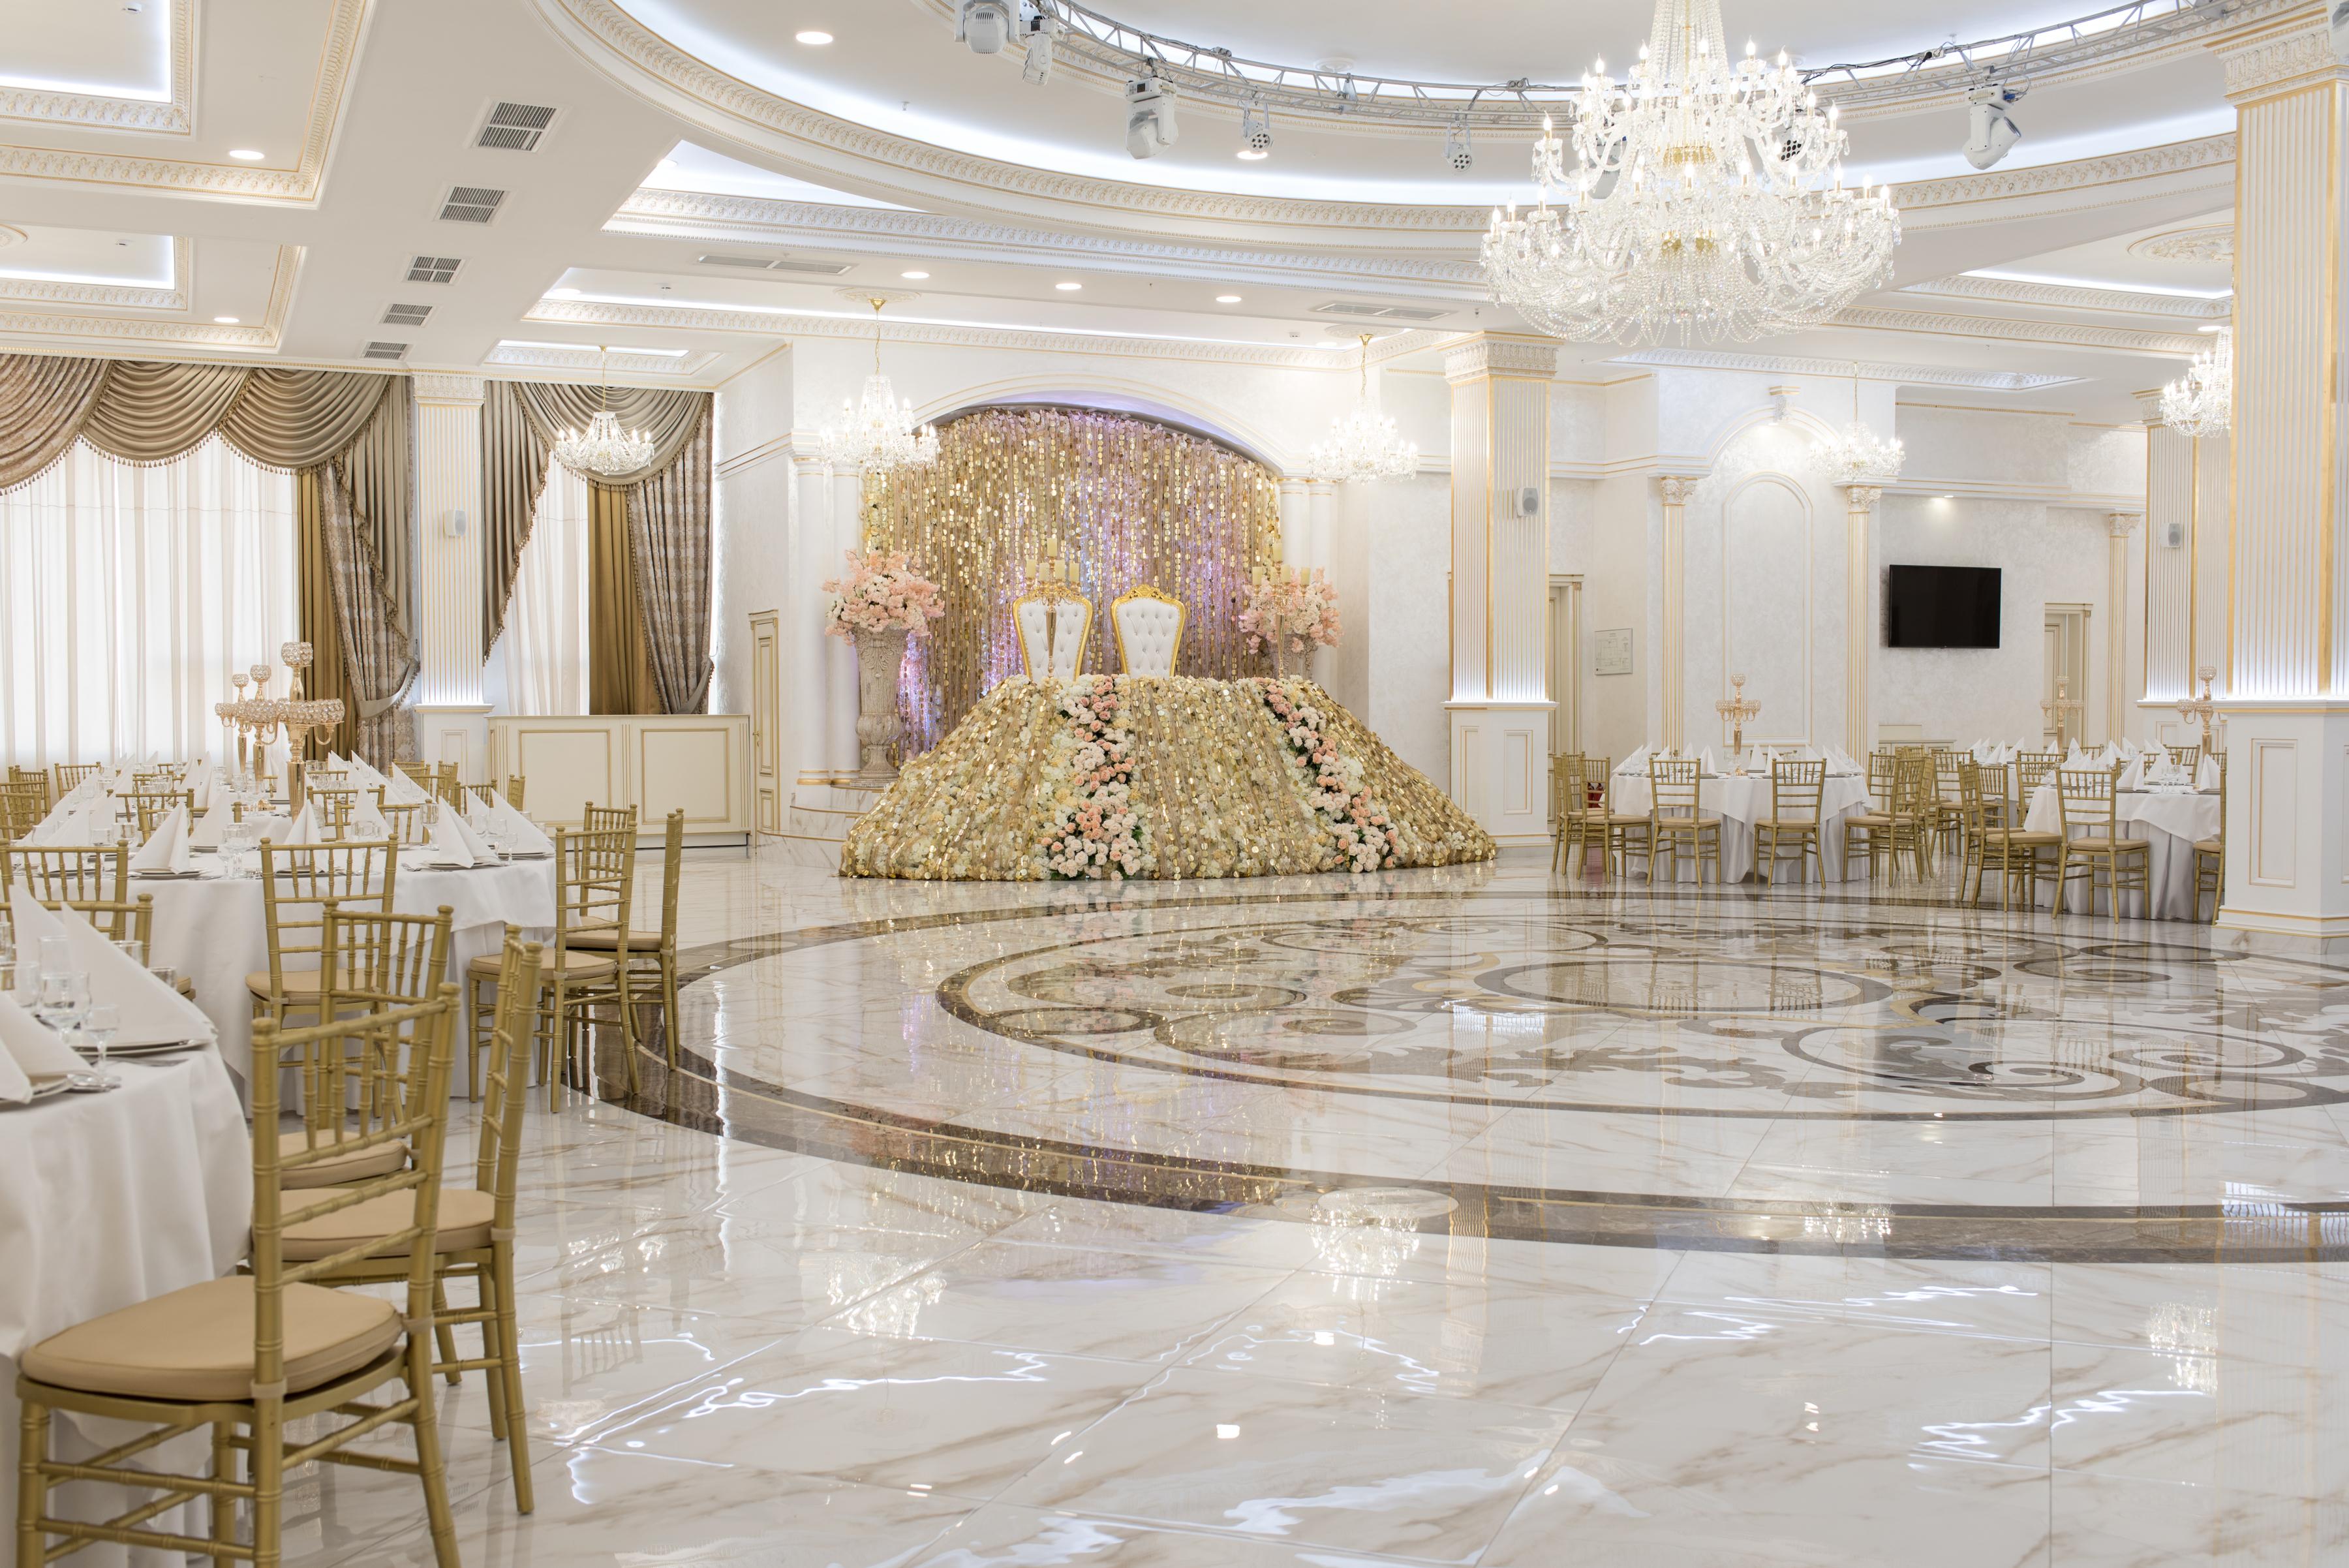 Big Hall 19